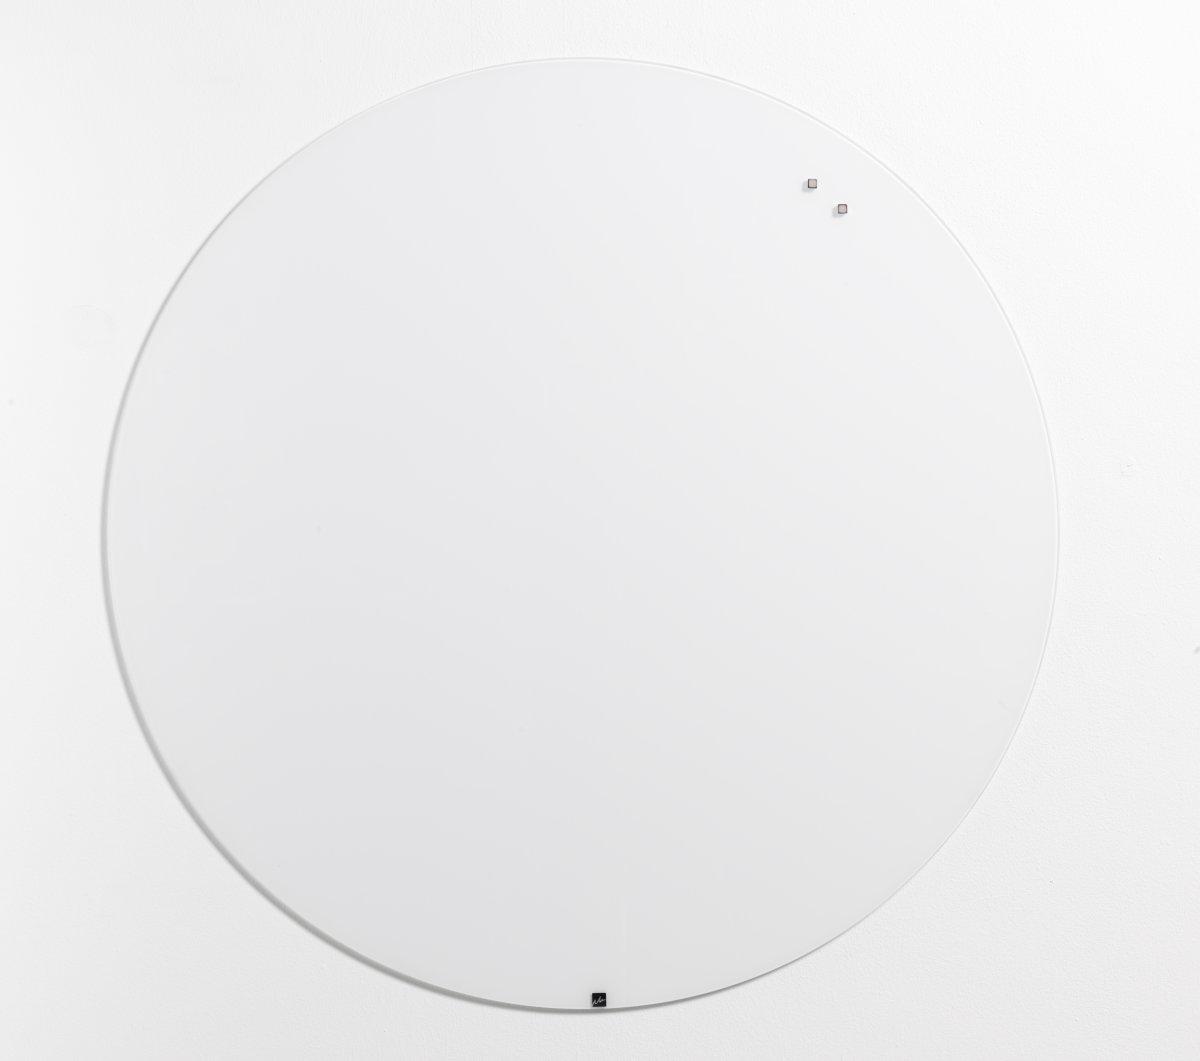 NAGA  magnetisk glastavle, Ø100 cm, pure white